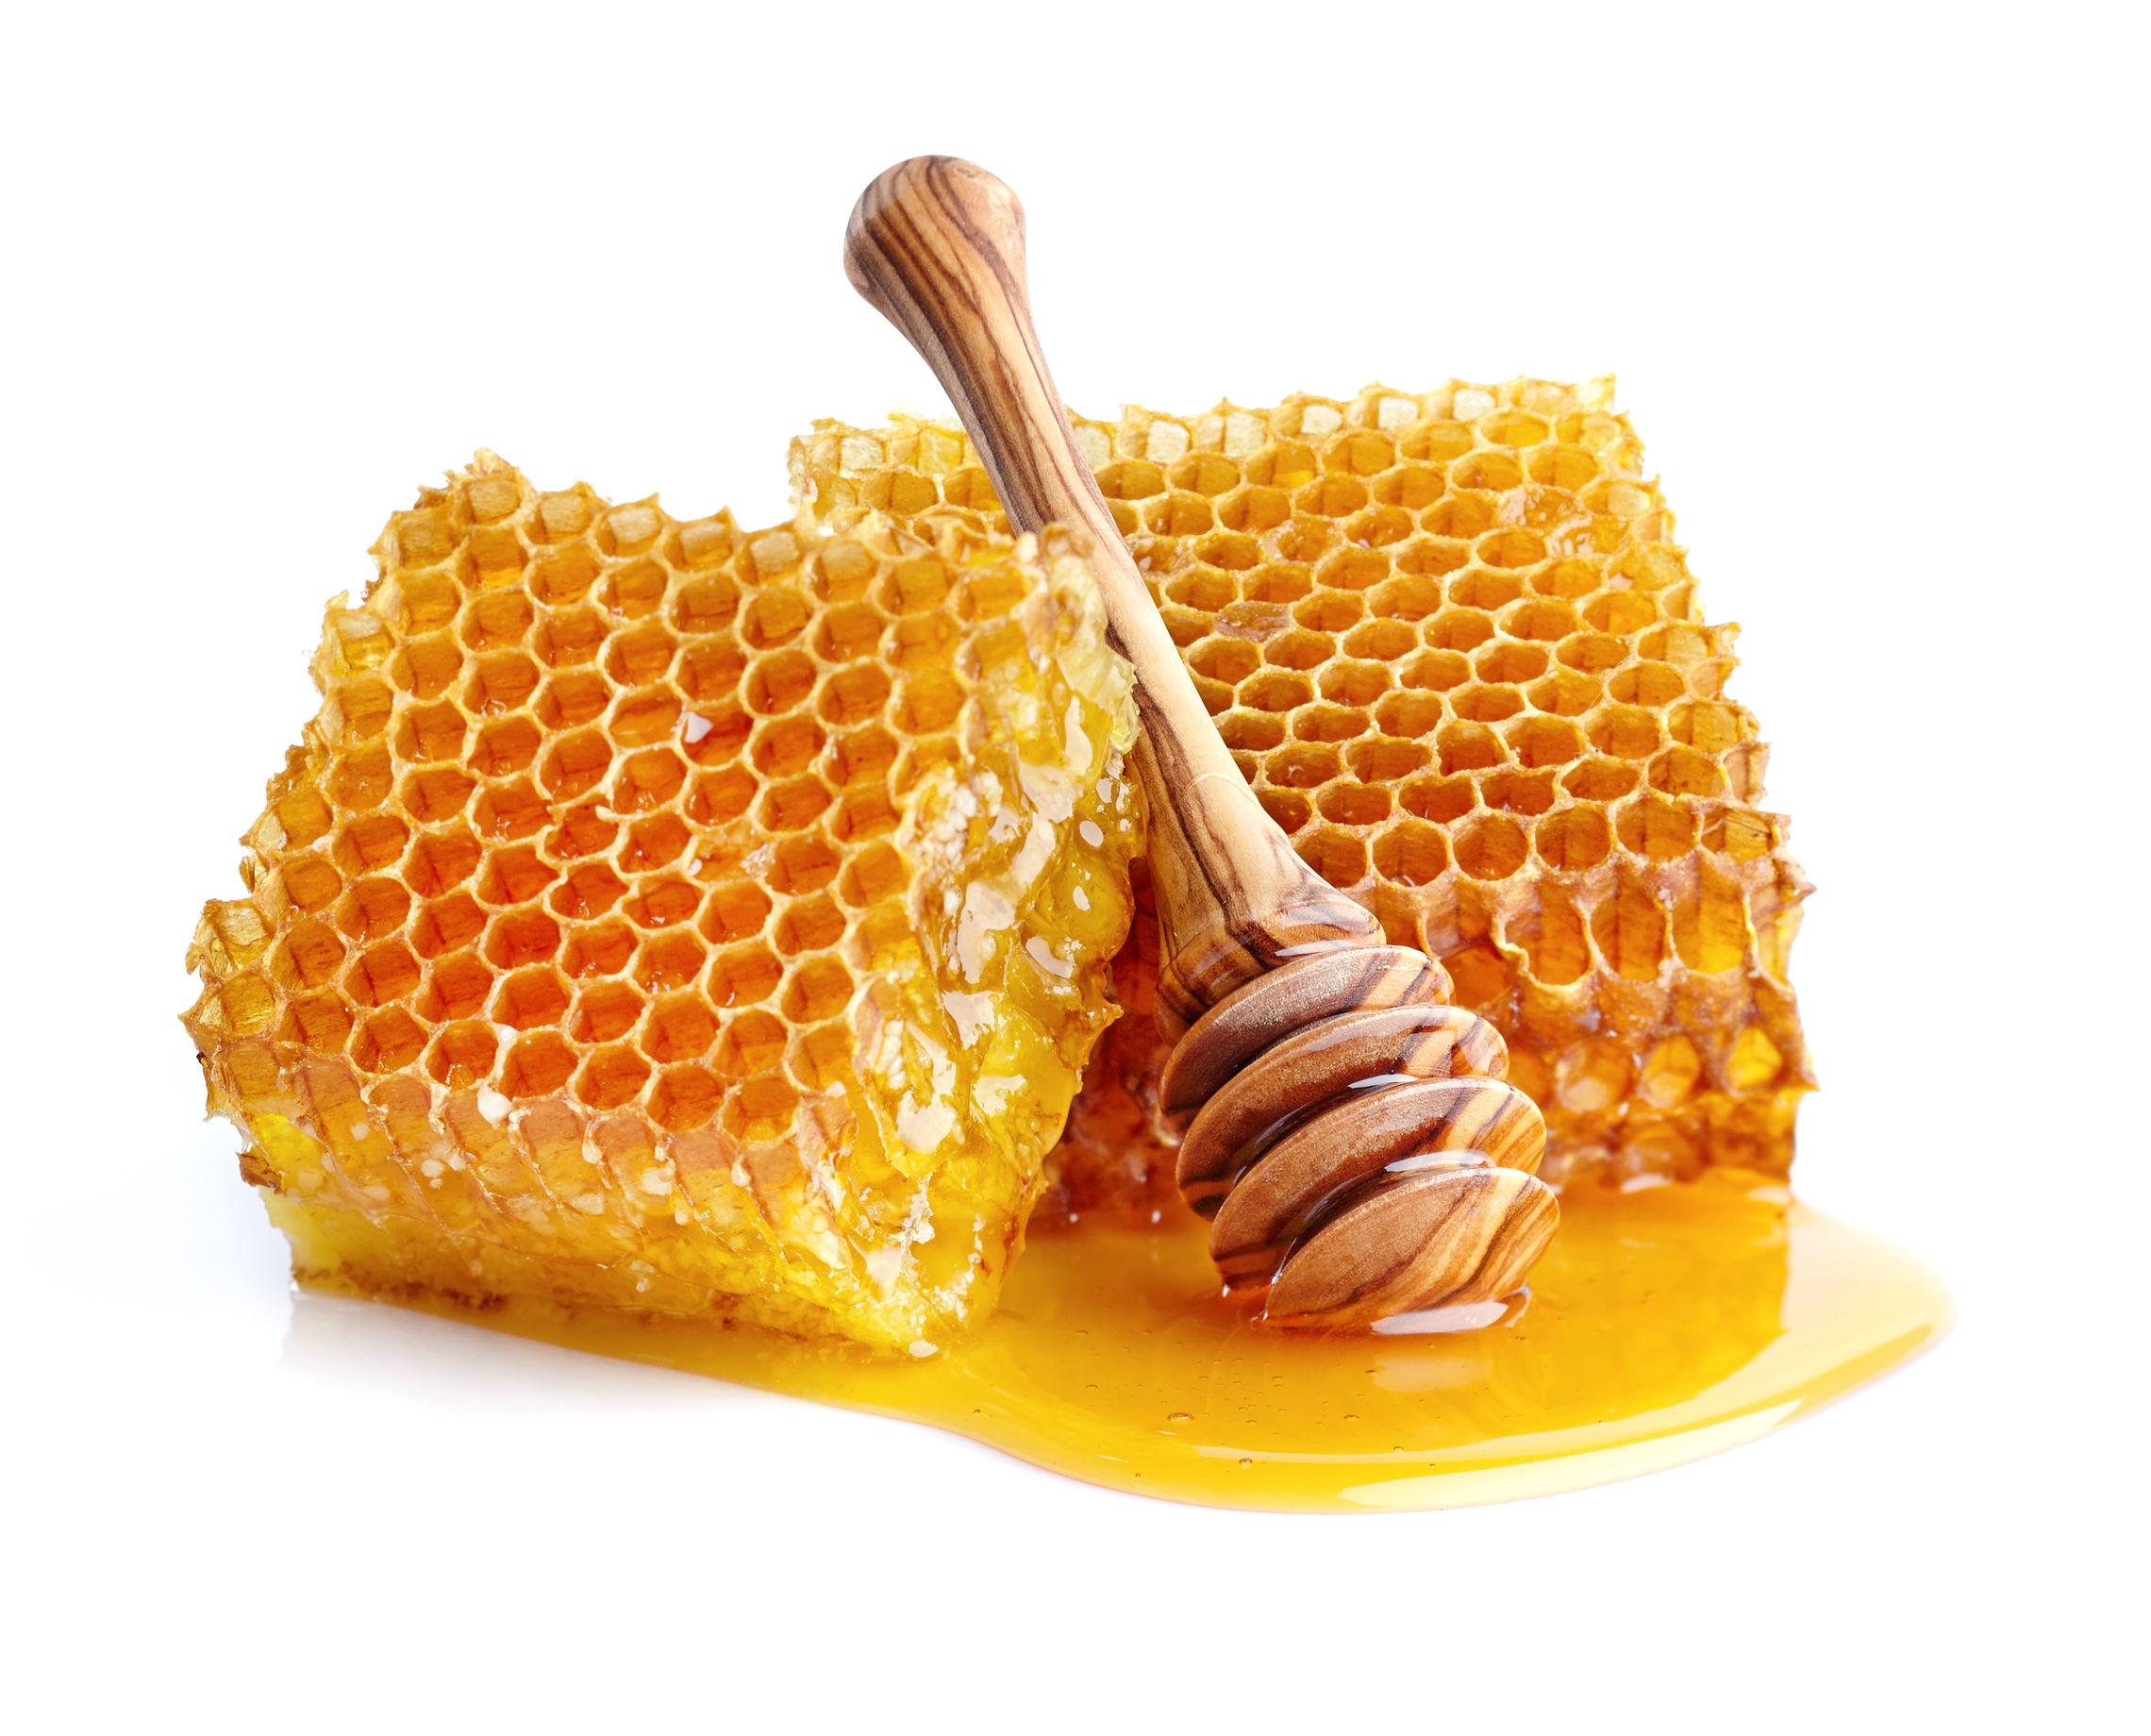 درمان طبیعی برای سرفه خشک با یک قاشق عسل